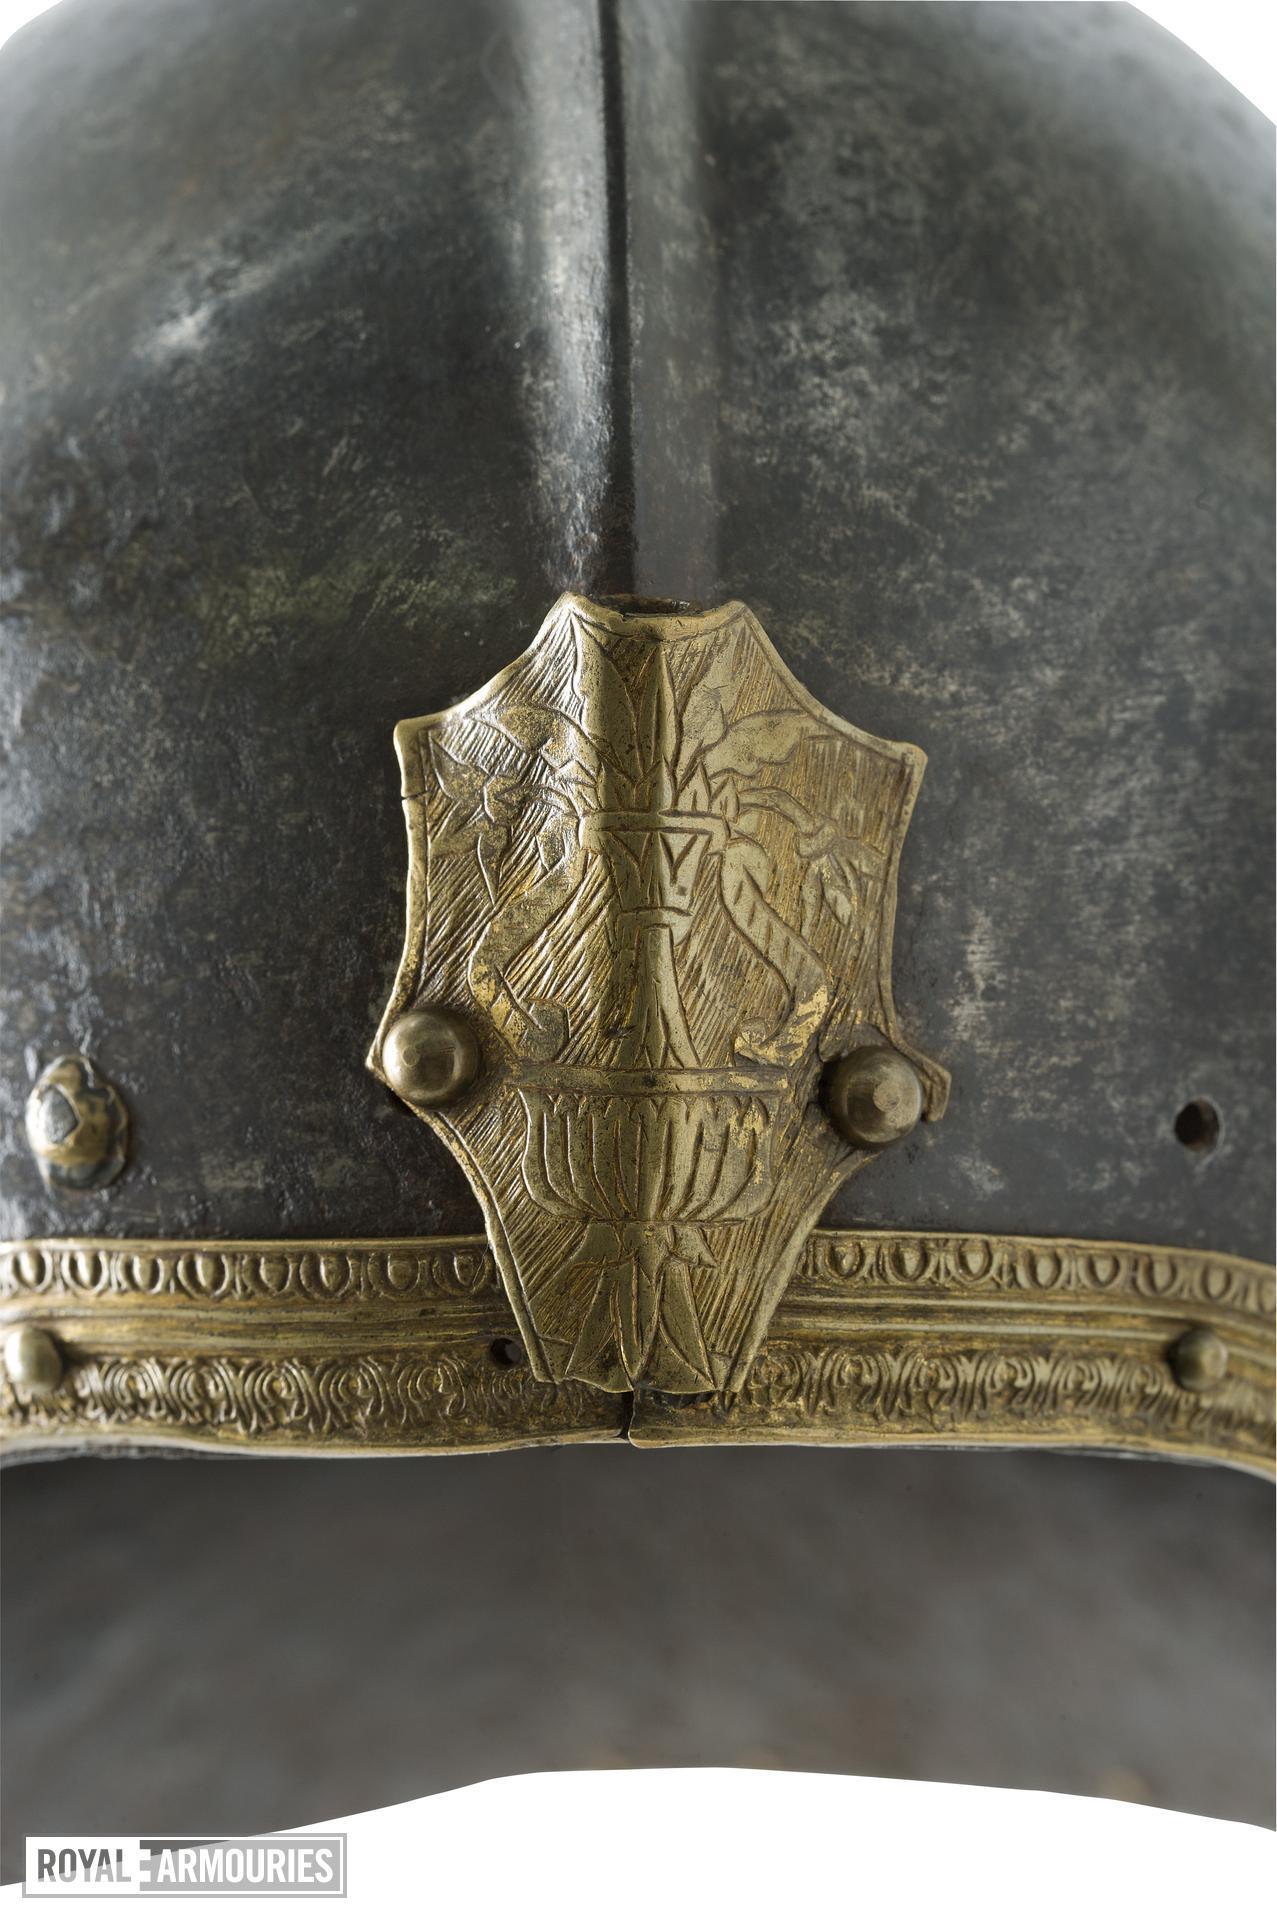 Sallet Open face sallet with applied gilt copper-alloy border. Attributed to Domenico dei Barini detto Negroli